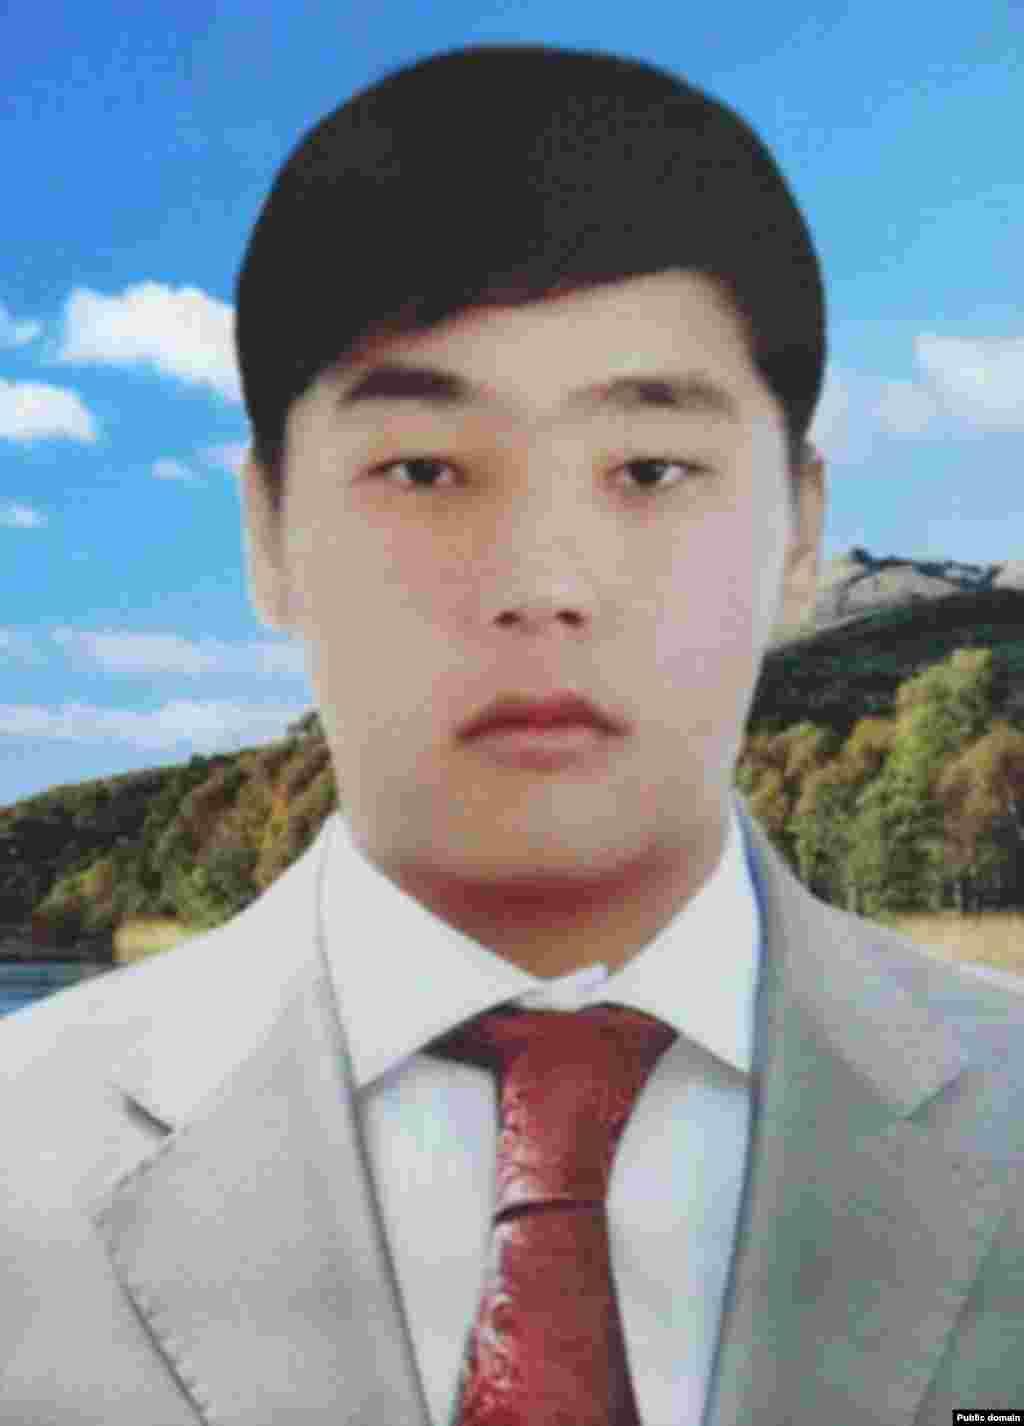 Рахат Кушеров был убит 16 декабря 2011 года в городе Жанаозен.